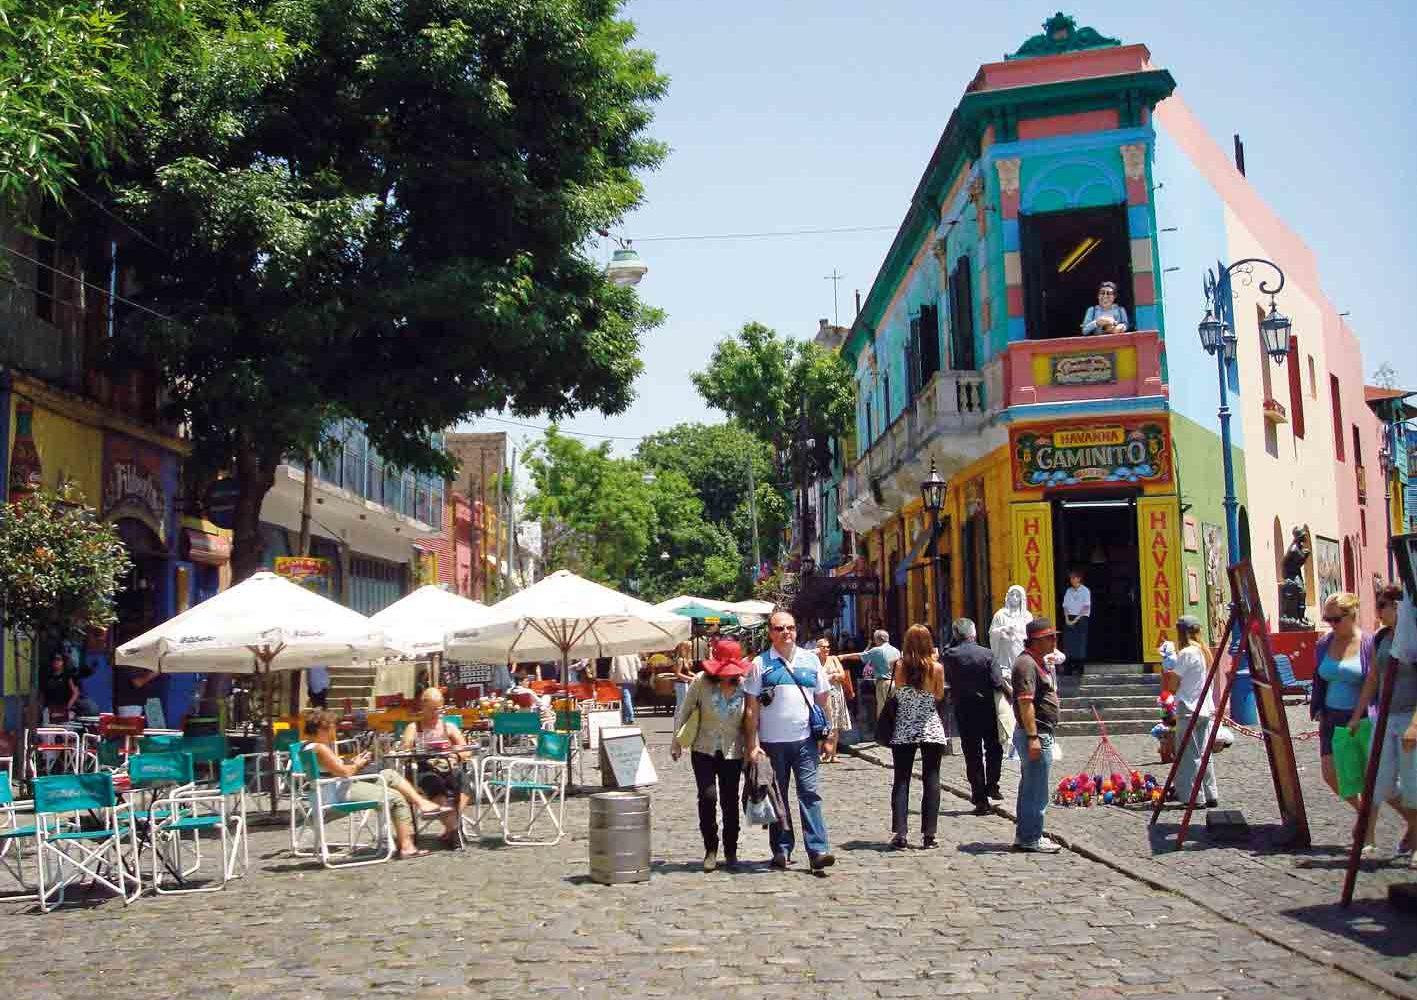 Buntes Künstlerviertel La Boca in Buenos Aires, Argentinien